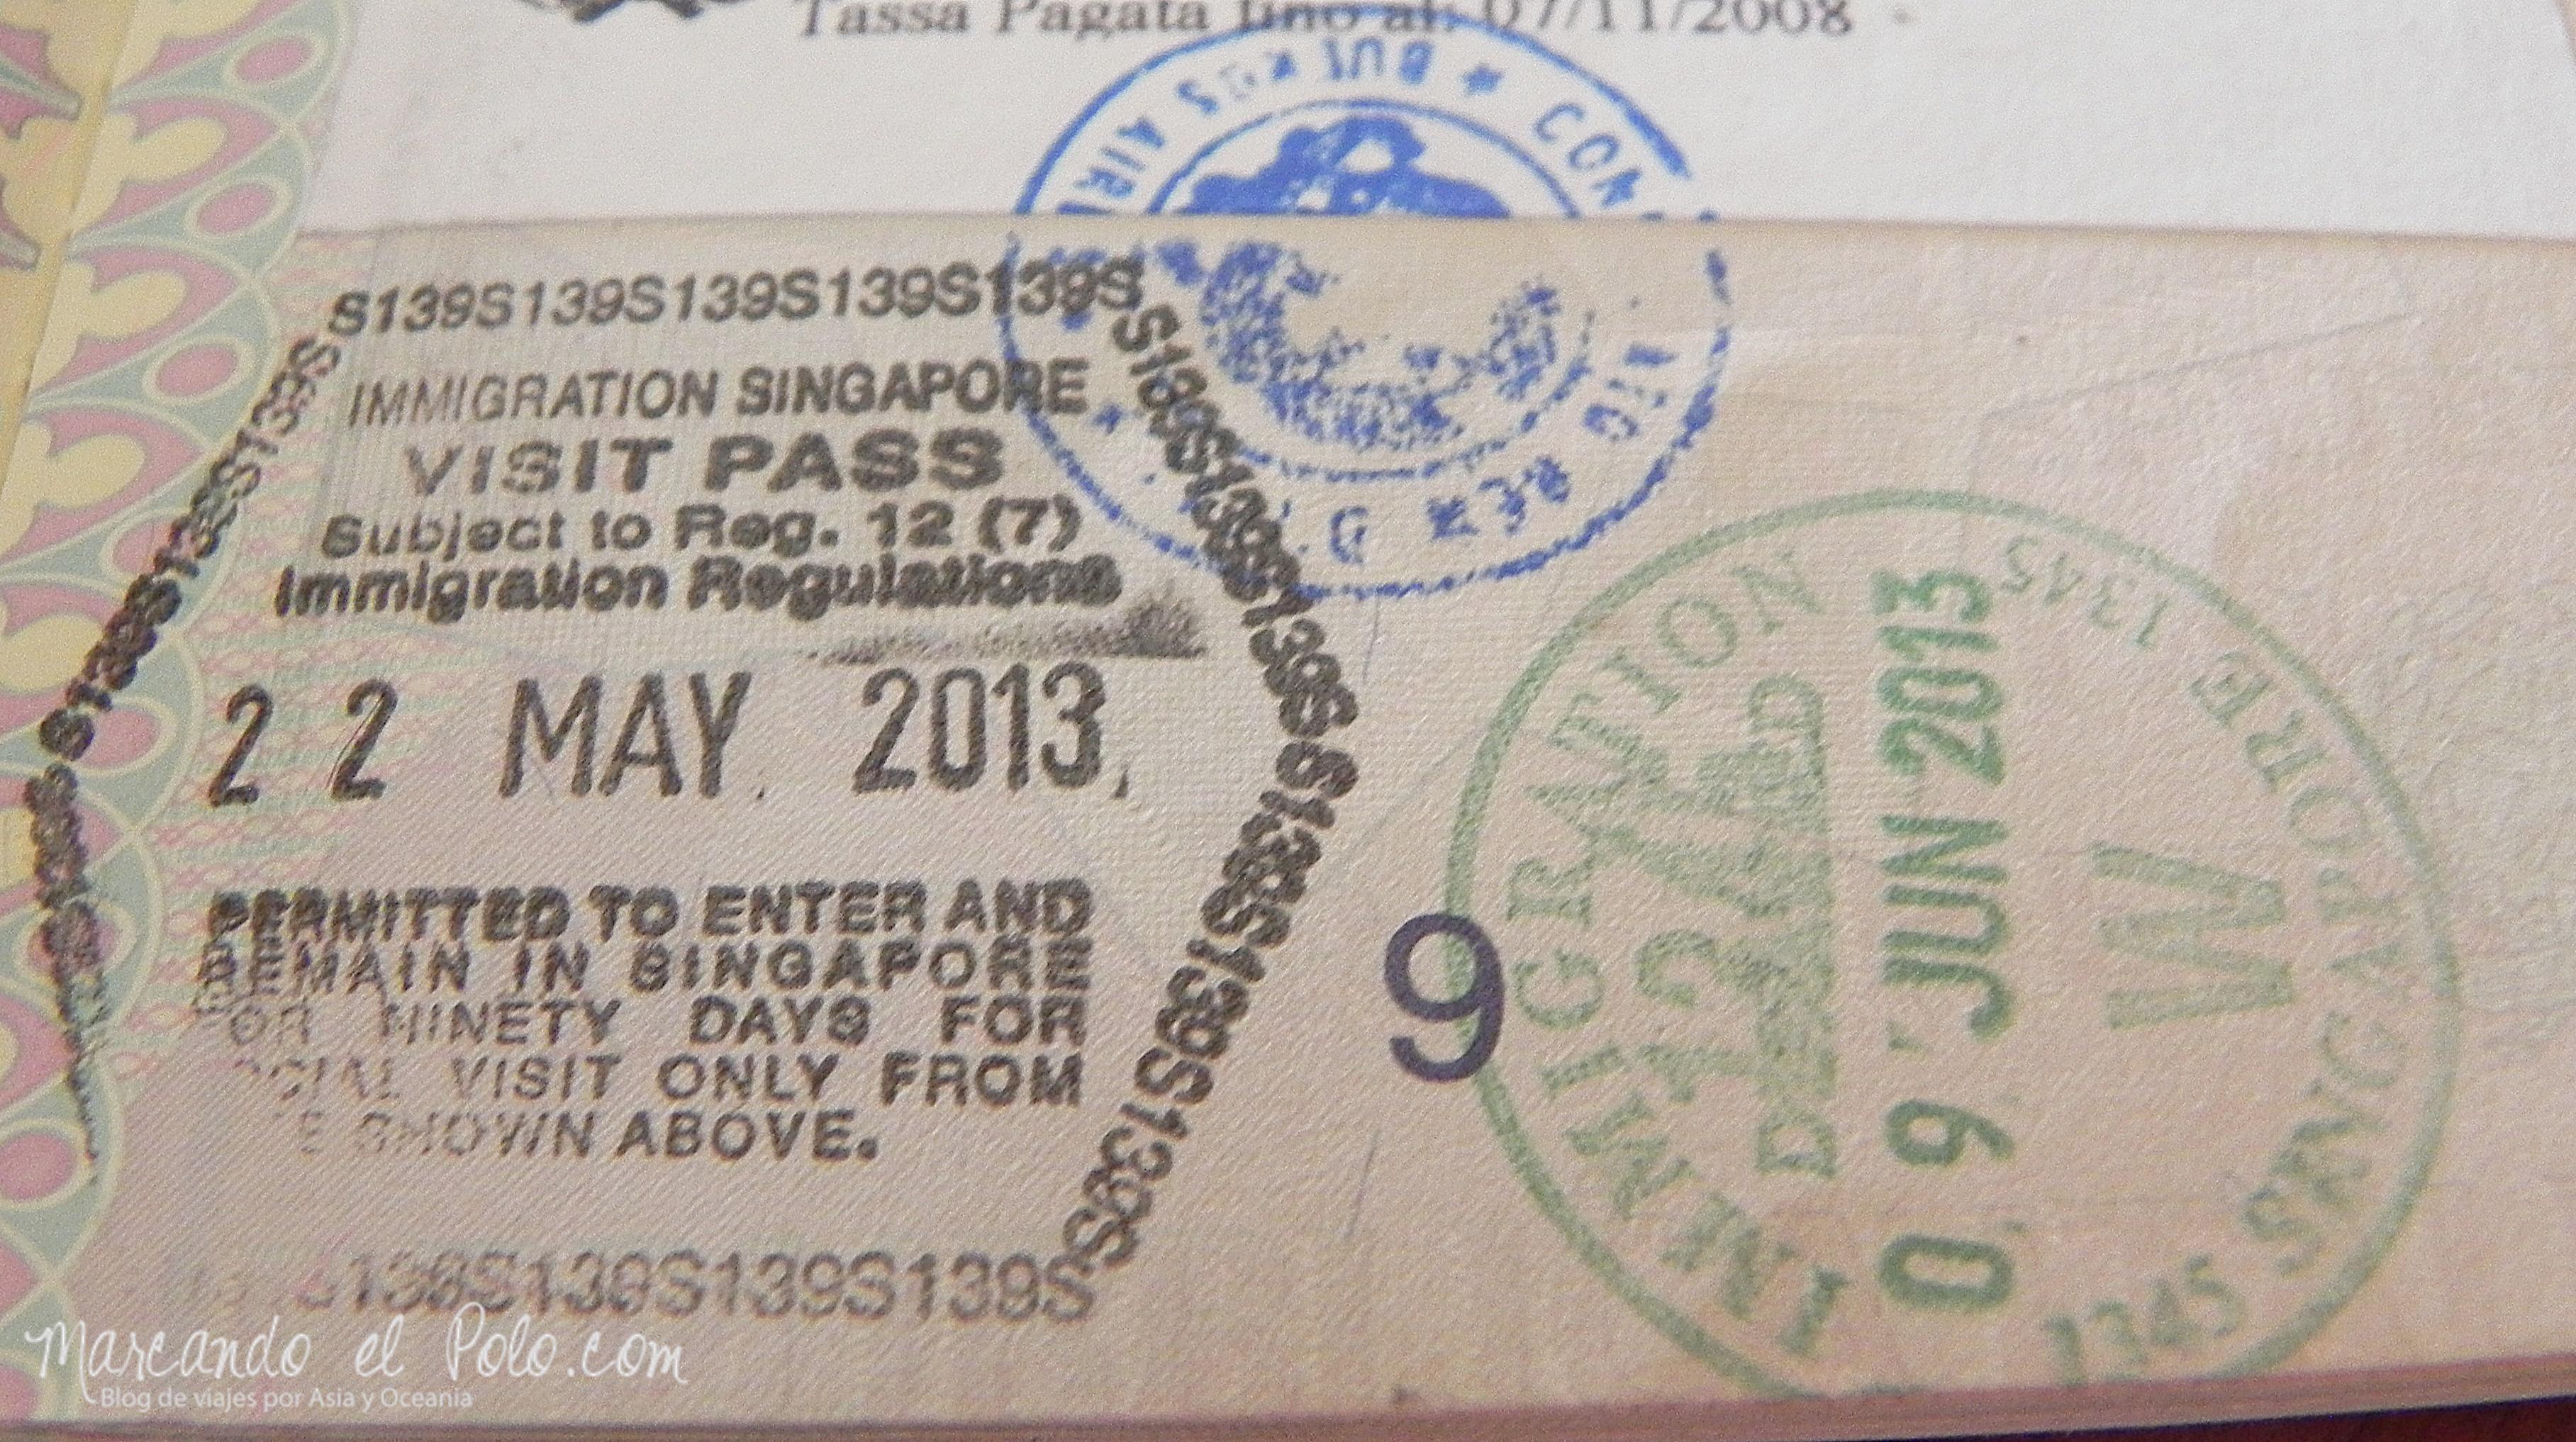 виза в сингапур из малайзии Вакансии Этикетка Санкт-Петербург